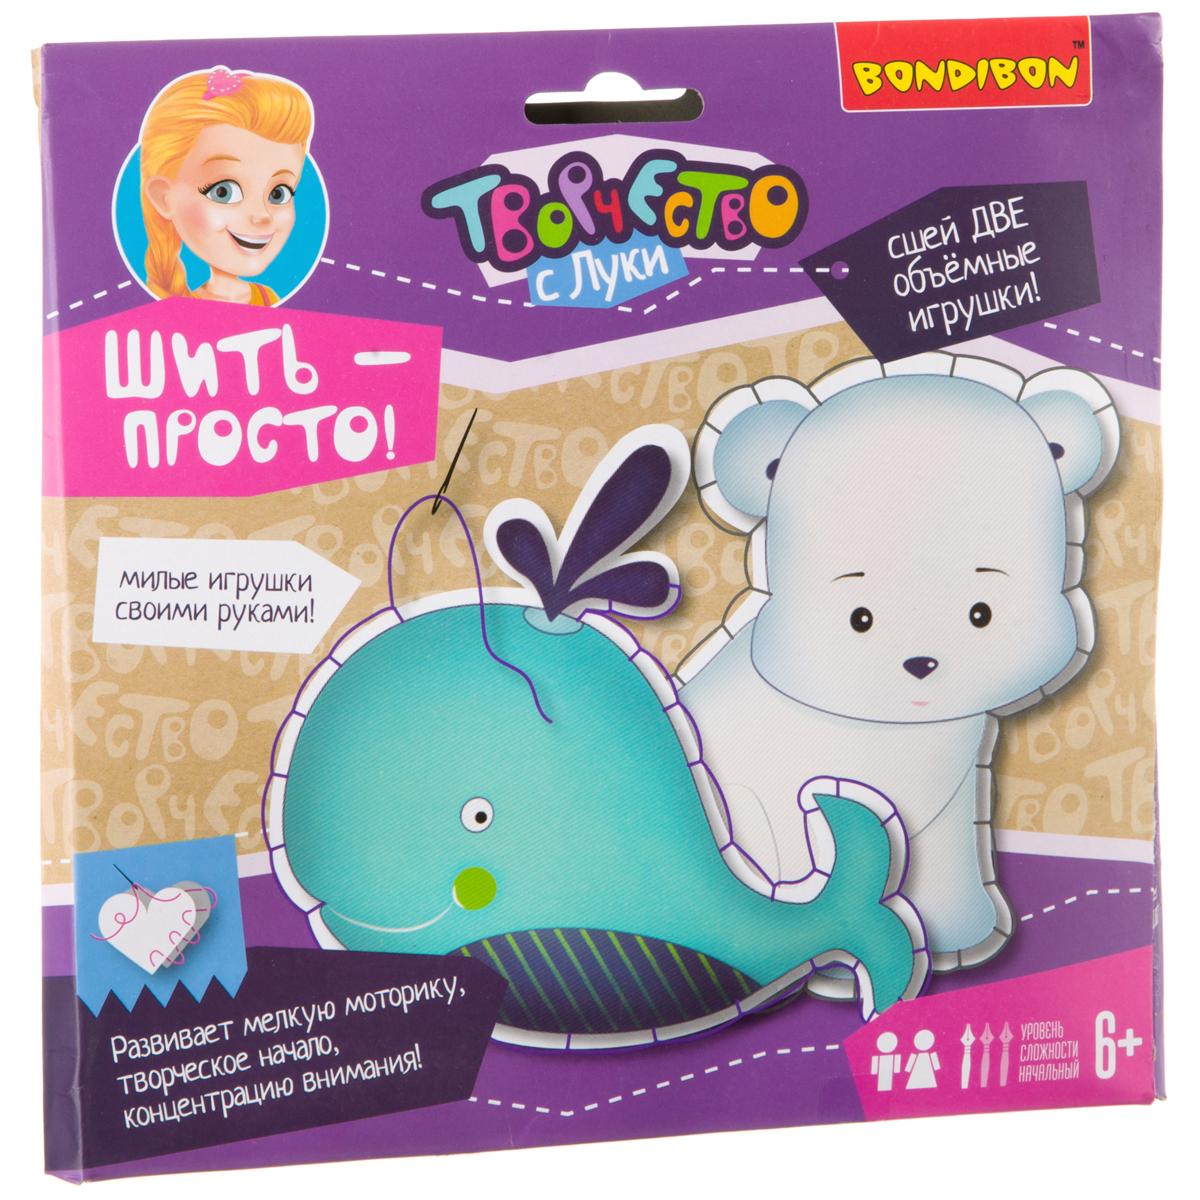 Bondibon Набор для вышивания Шить - просто! Полярный мишка и кит набор для творчества bondibon шить просто жители антарктики разноцветный